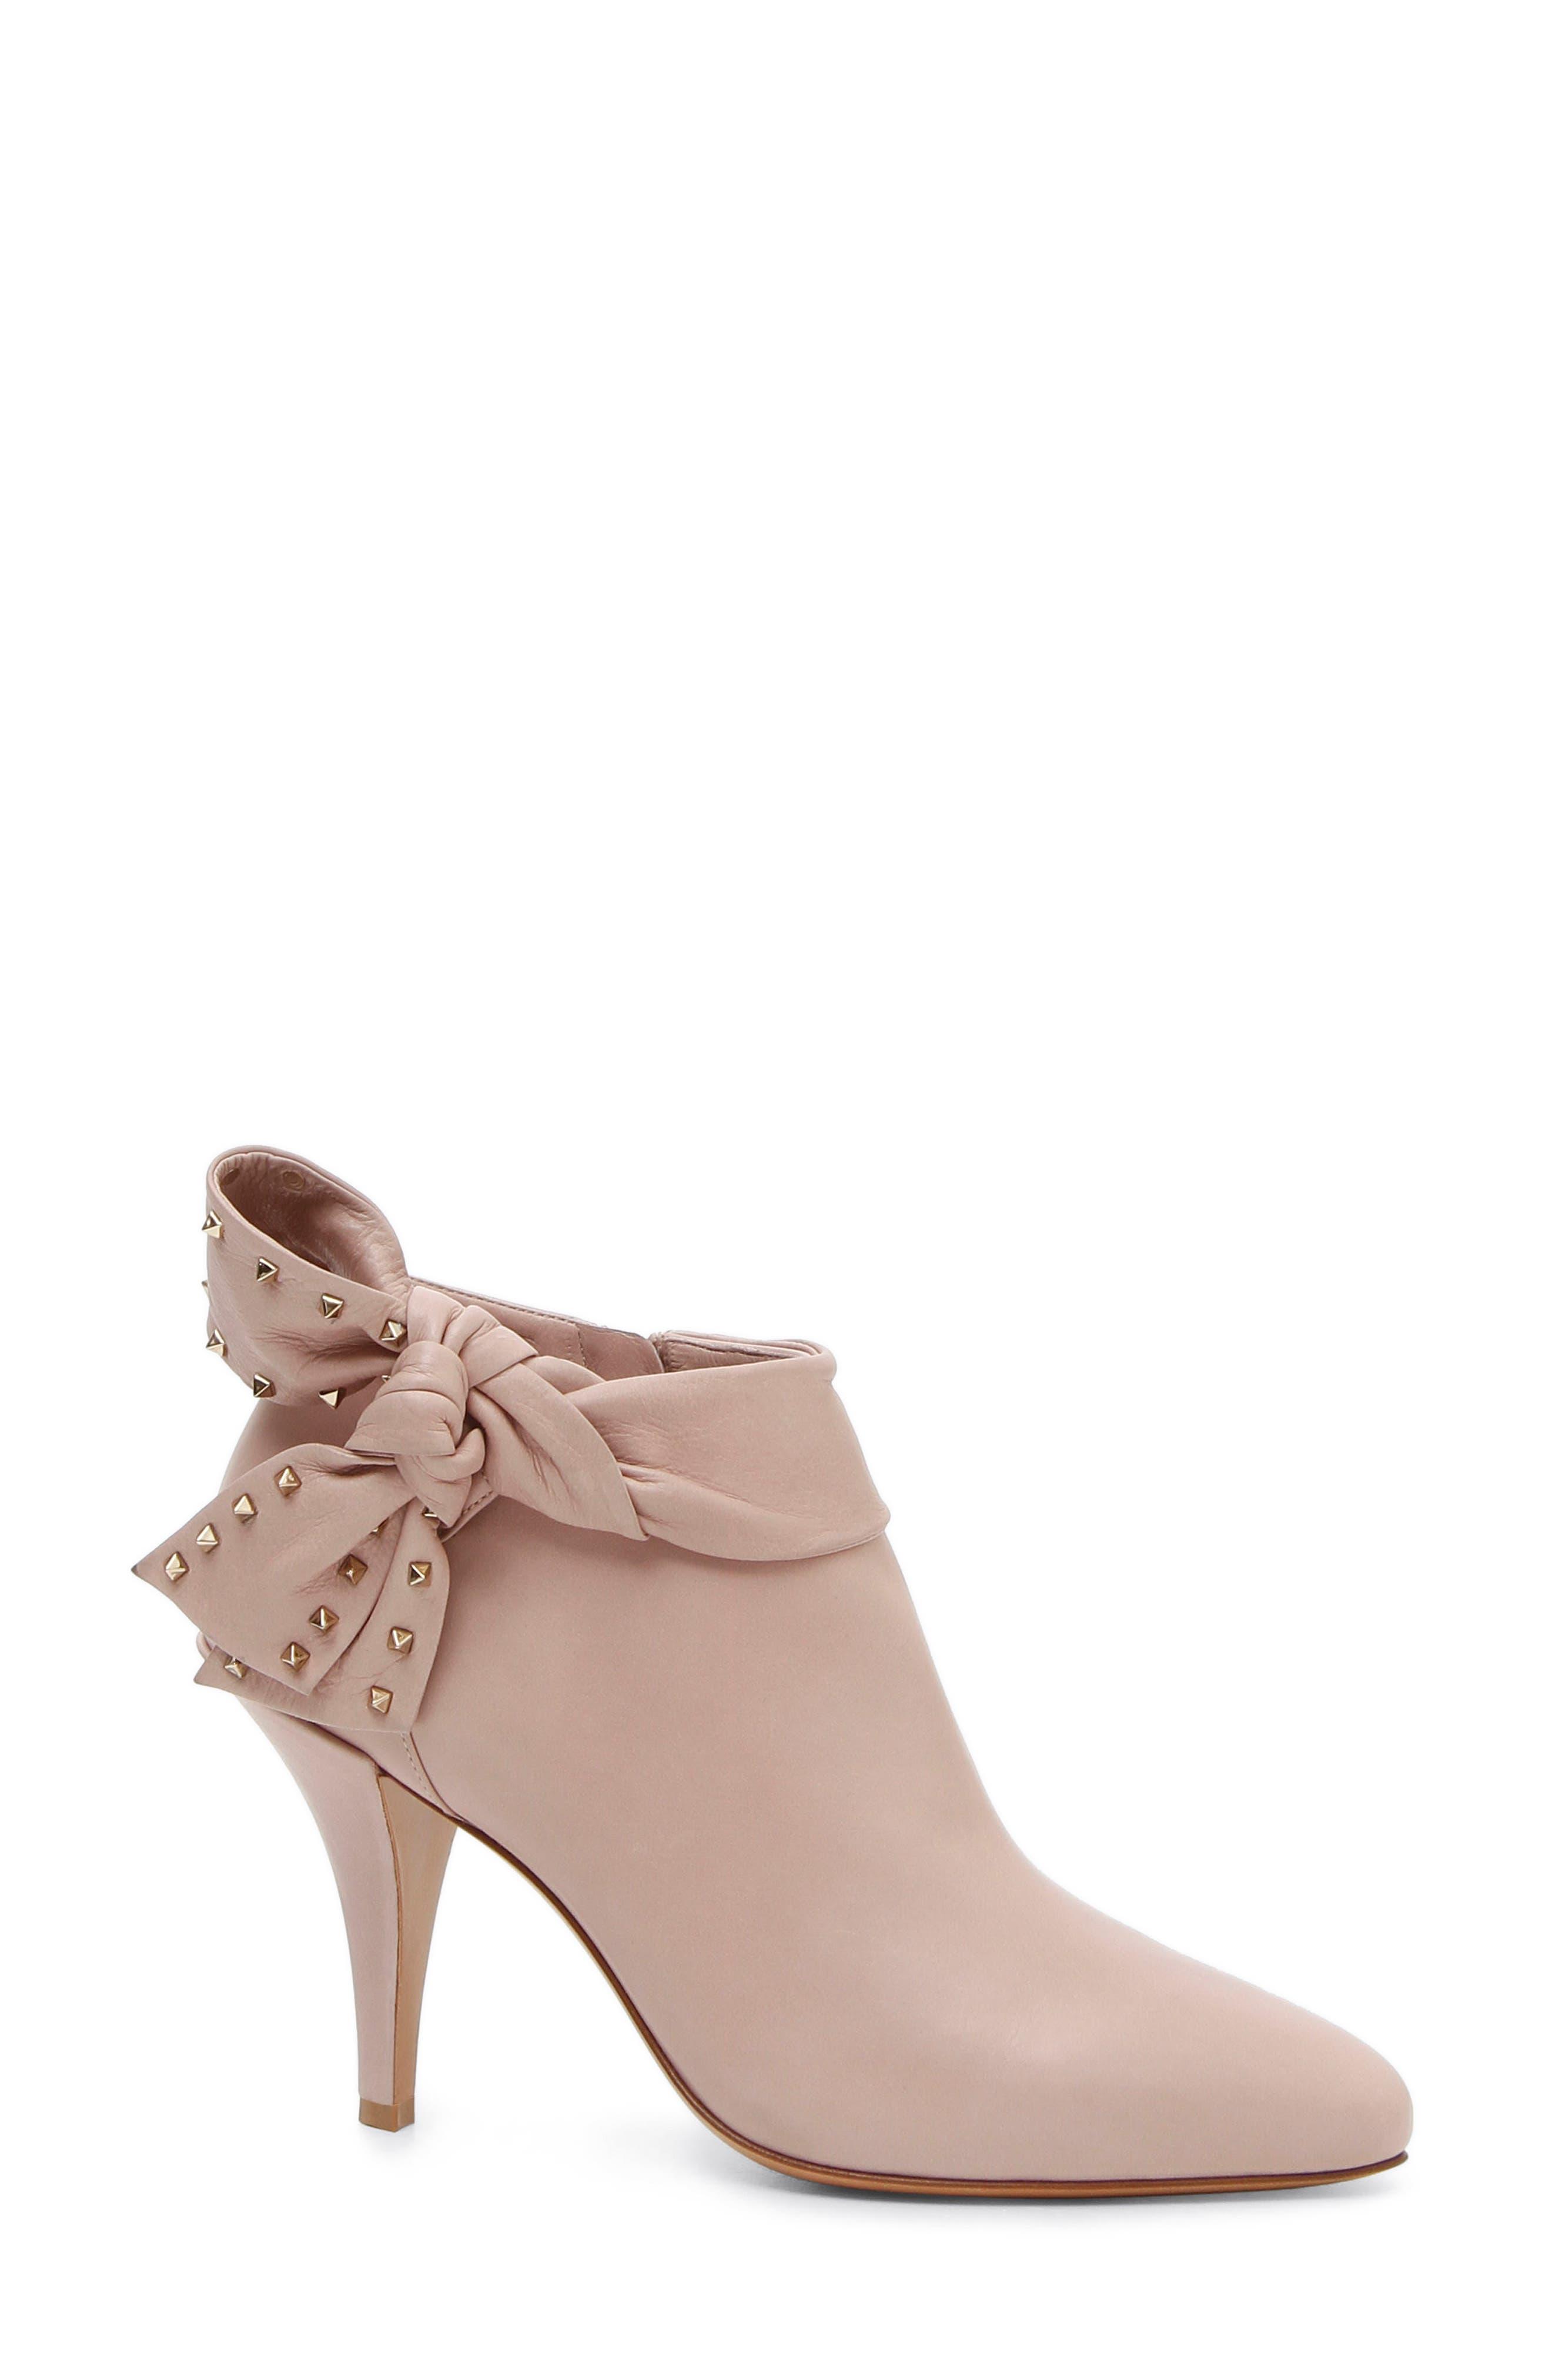 VALENTINO GARAVANI Studded Bow Ankle Bootie (Women)